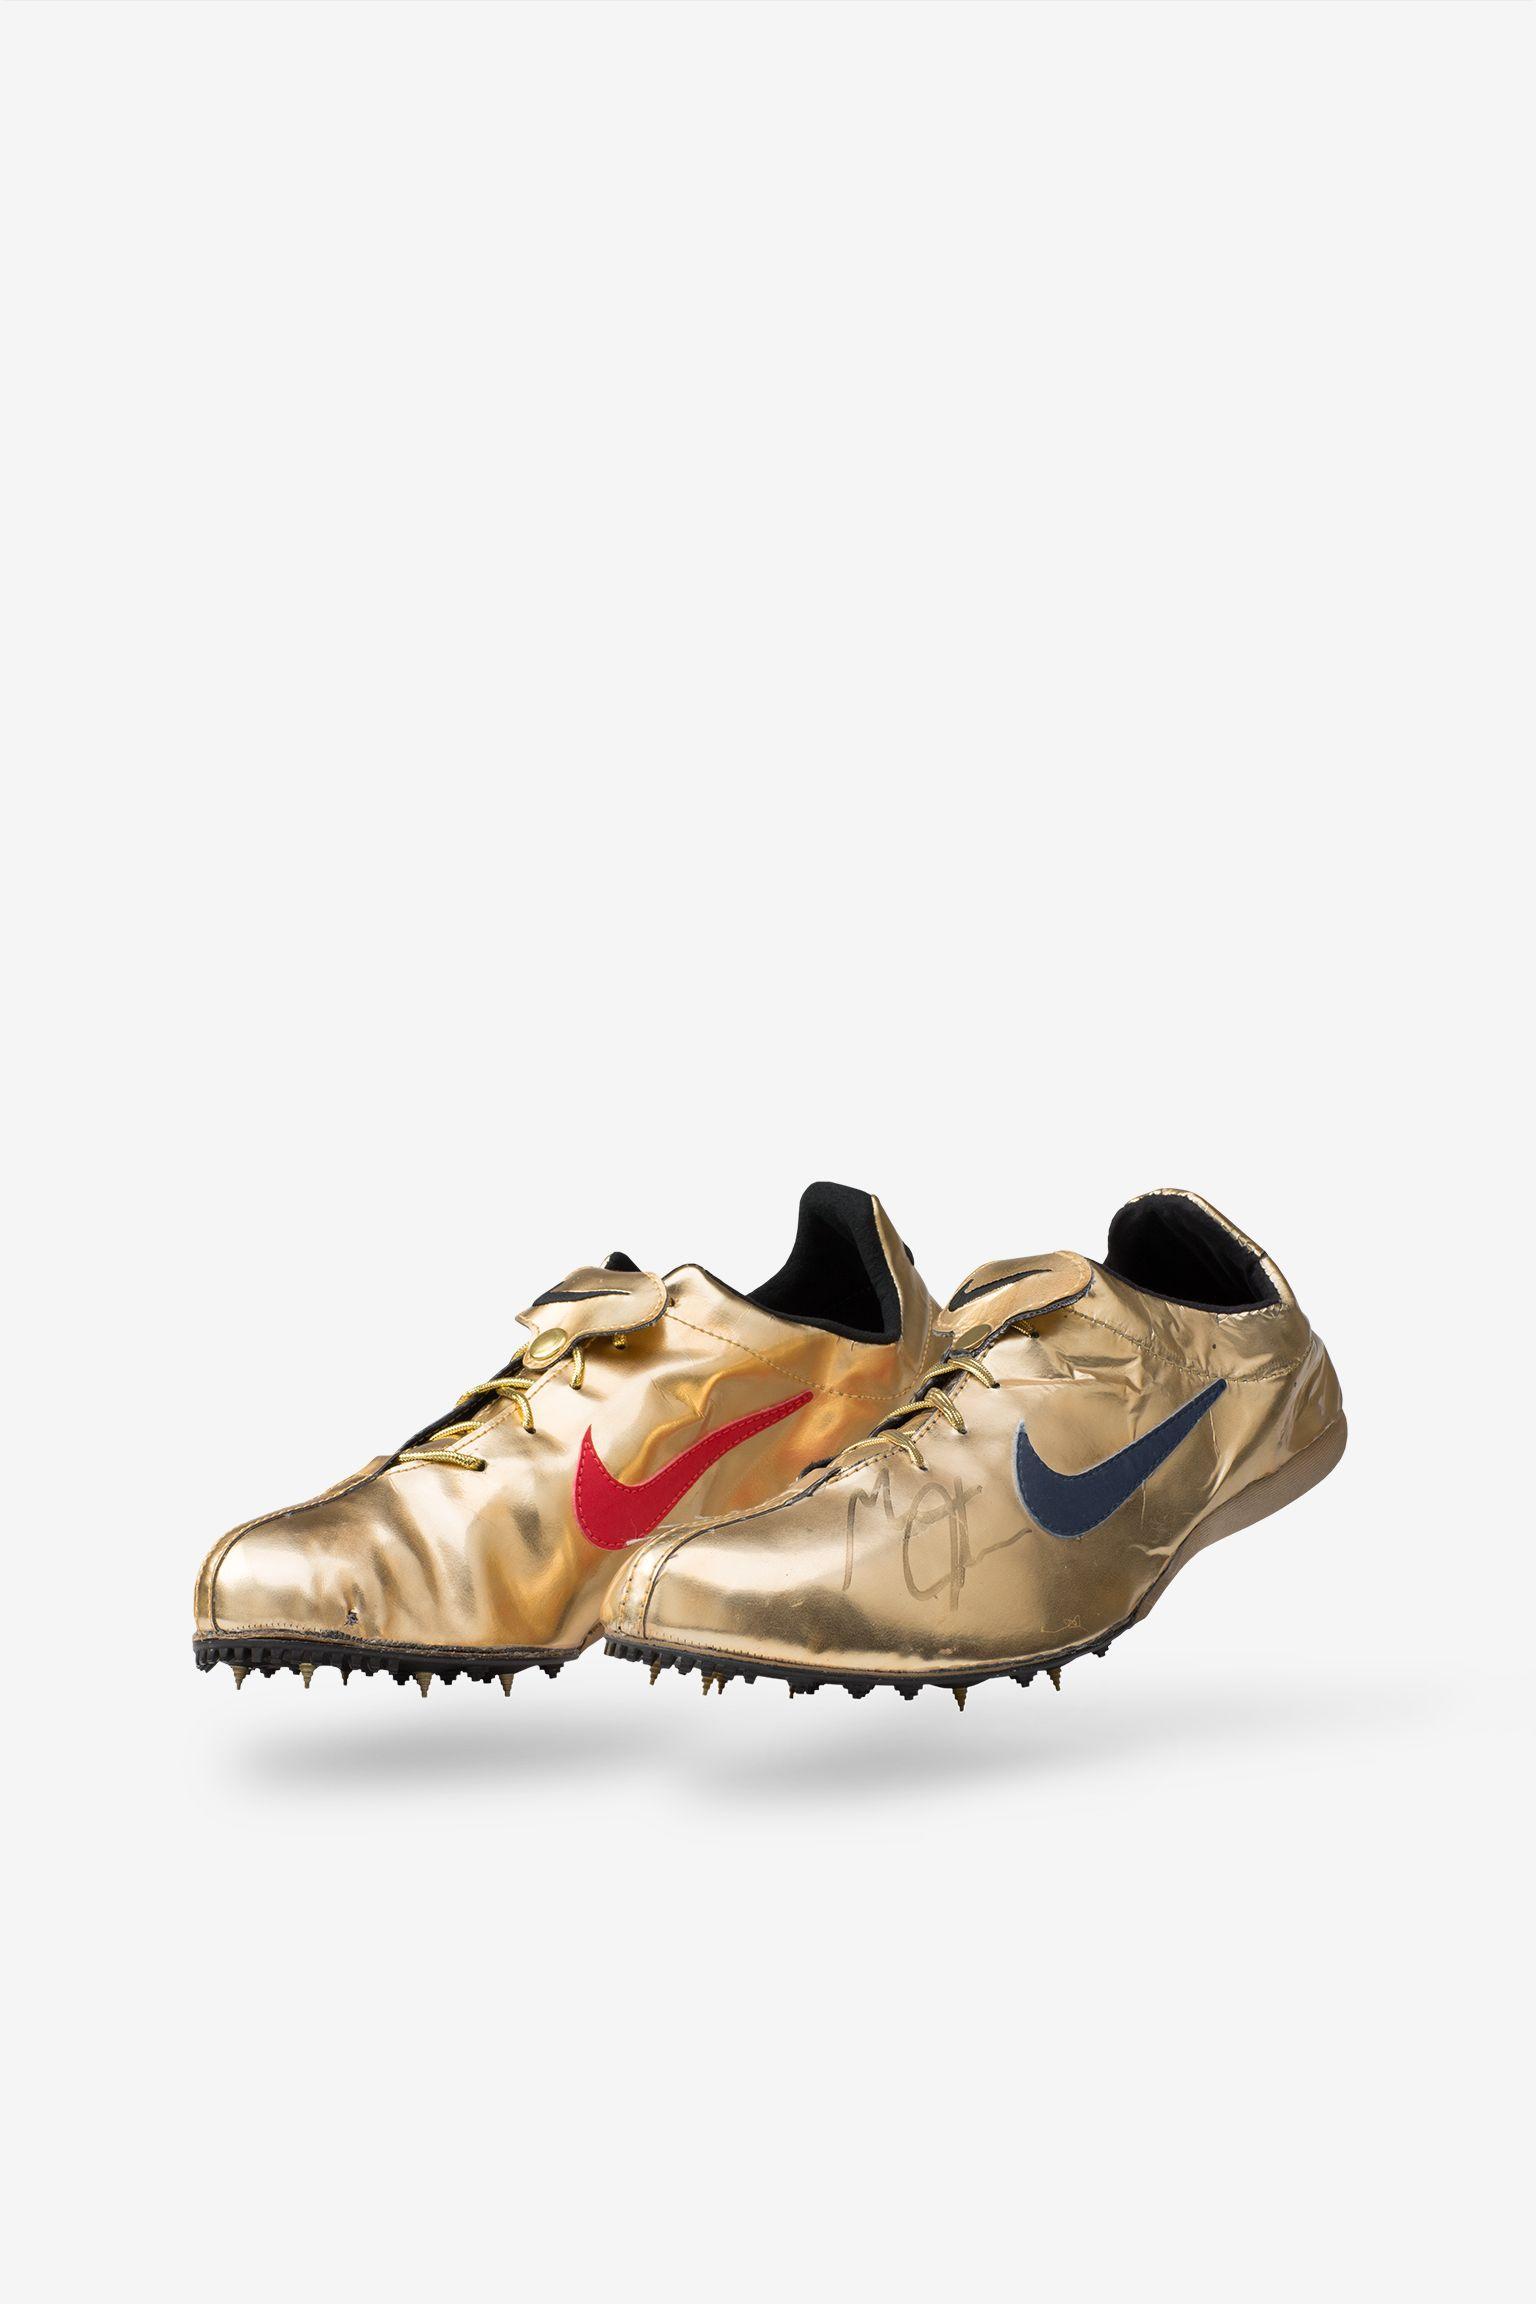 Ten dzień w butach Nike: Złota Chwila